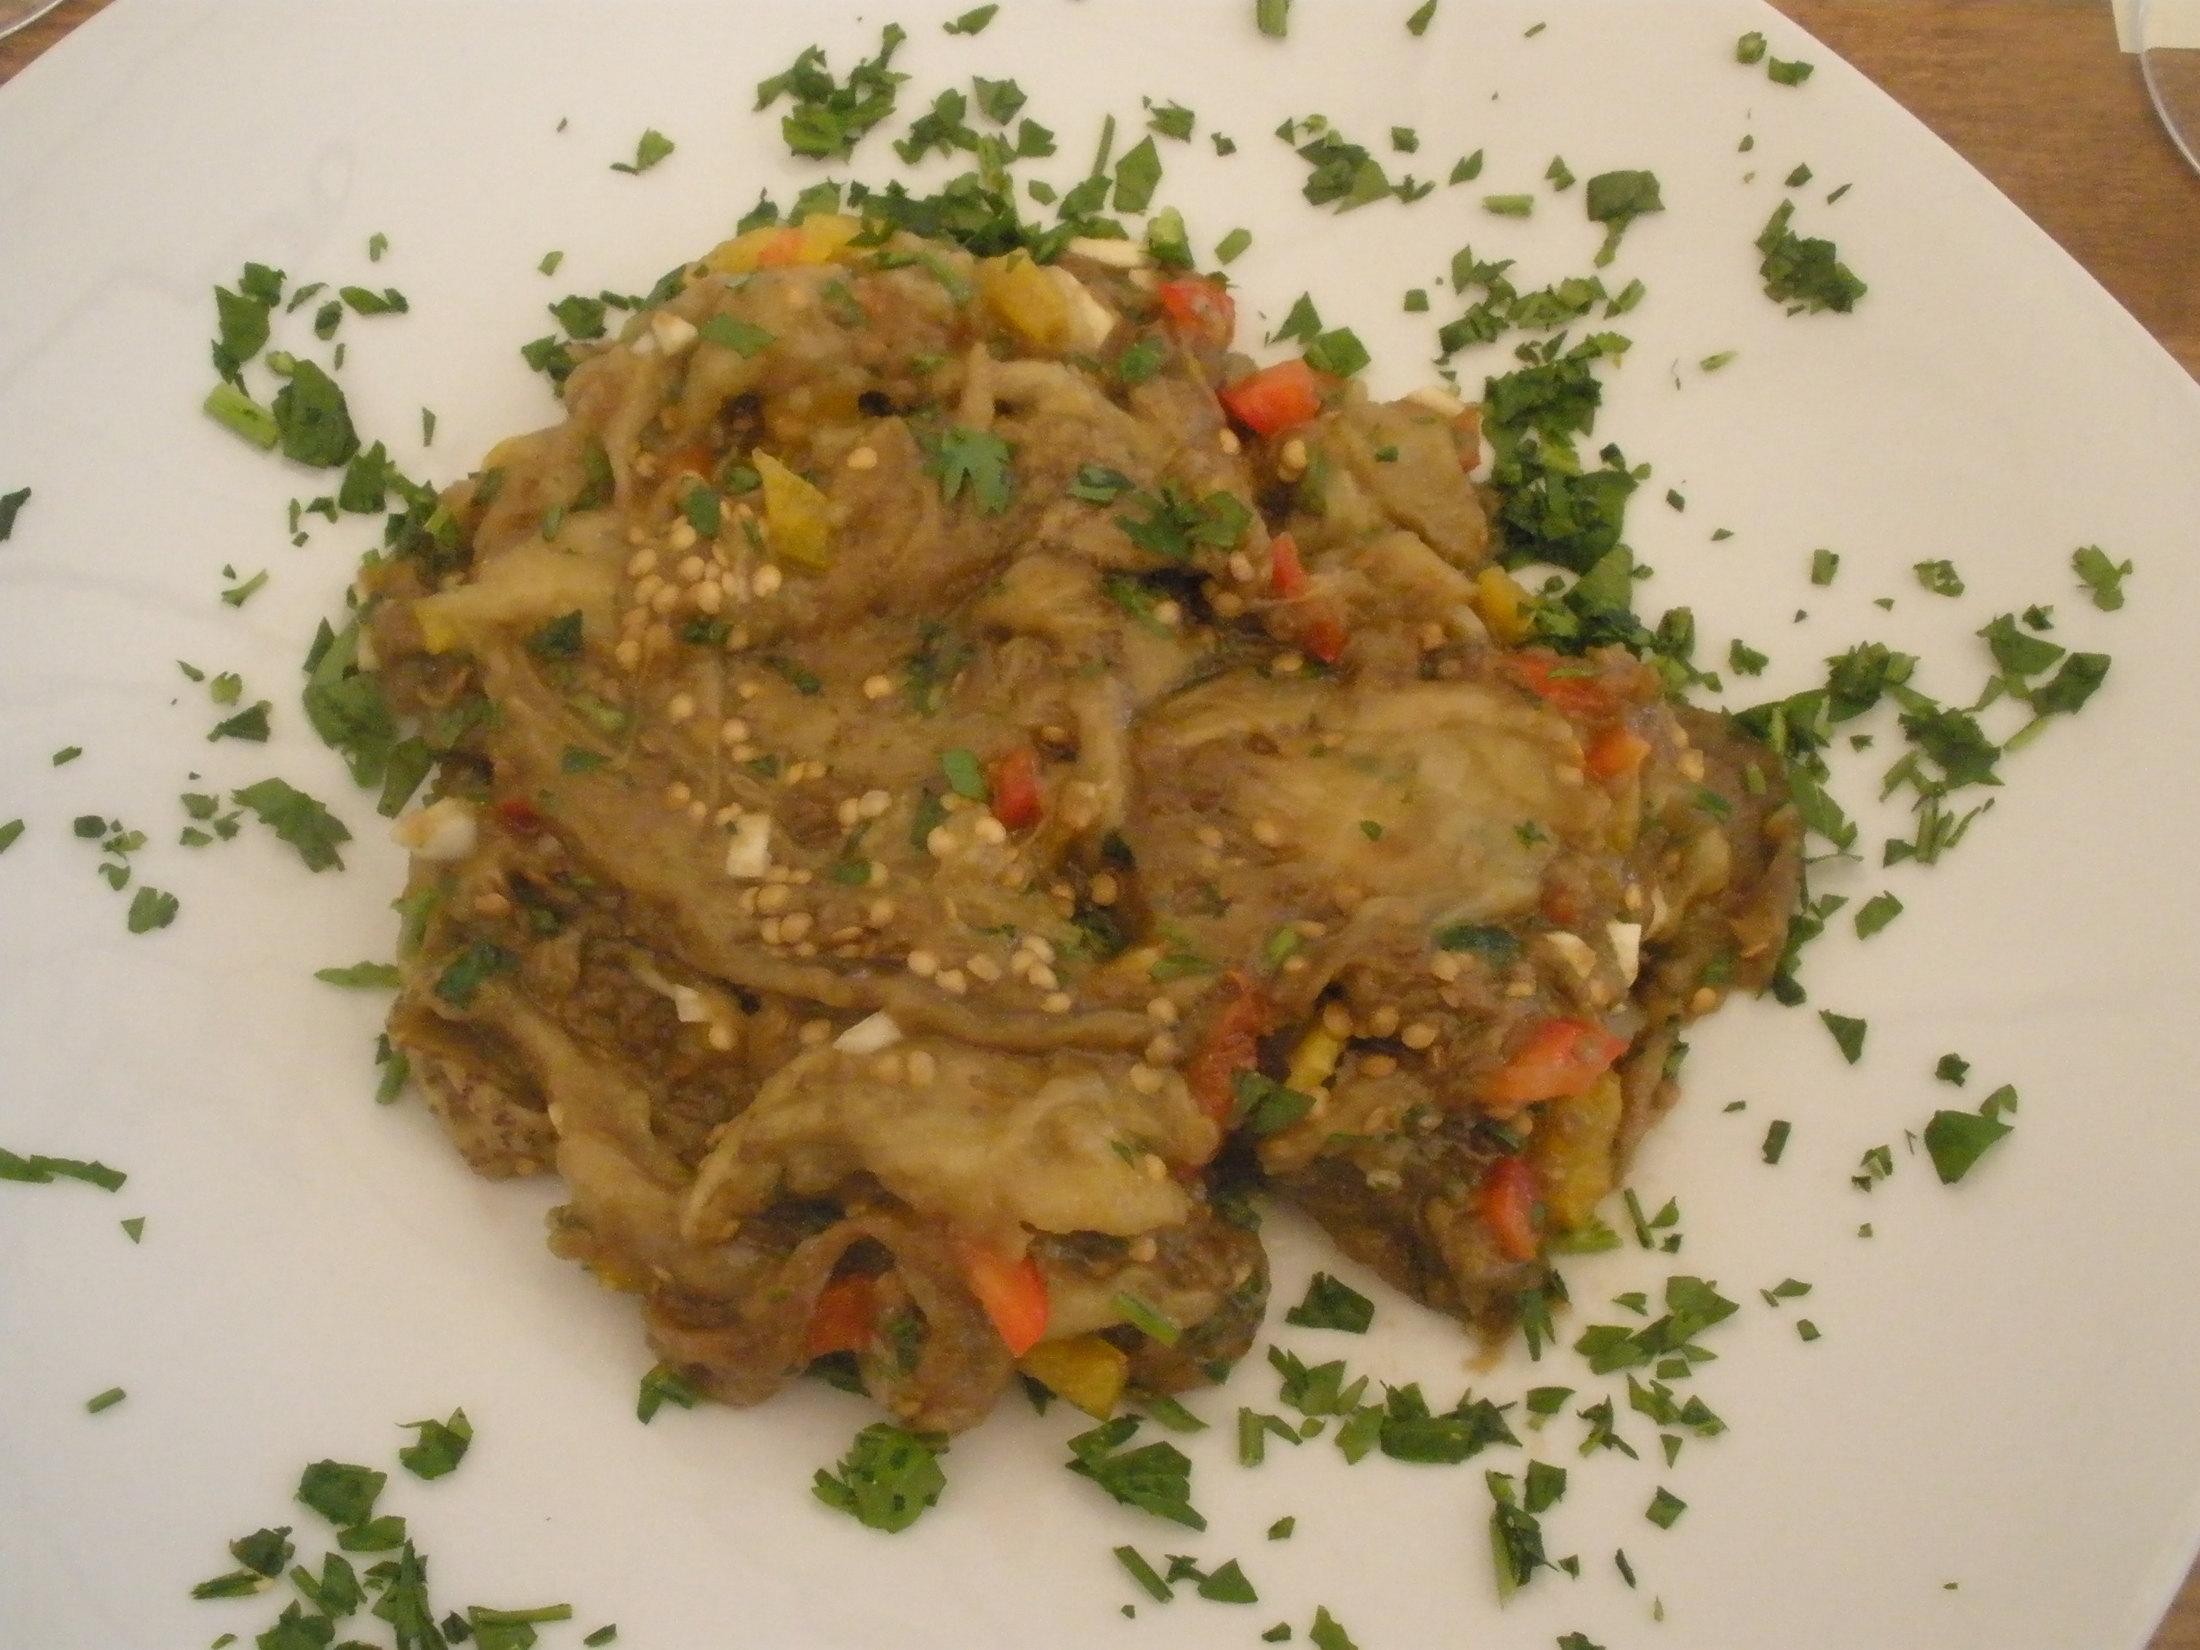 Řecký lilkový salát - Melitzanosalata